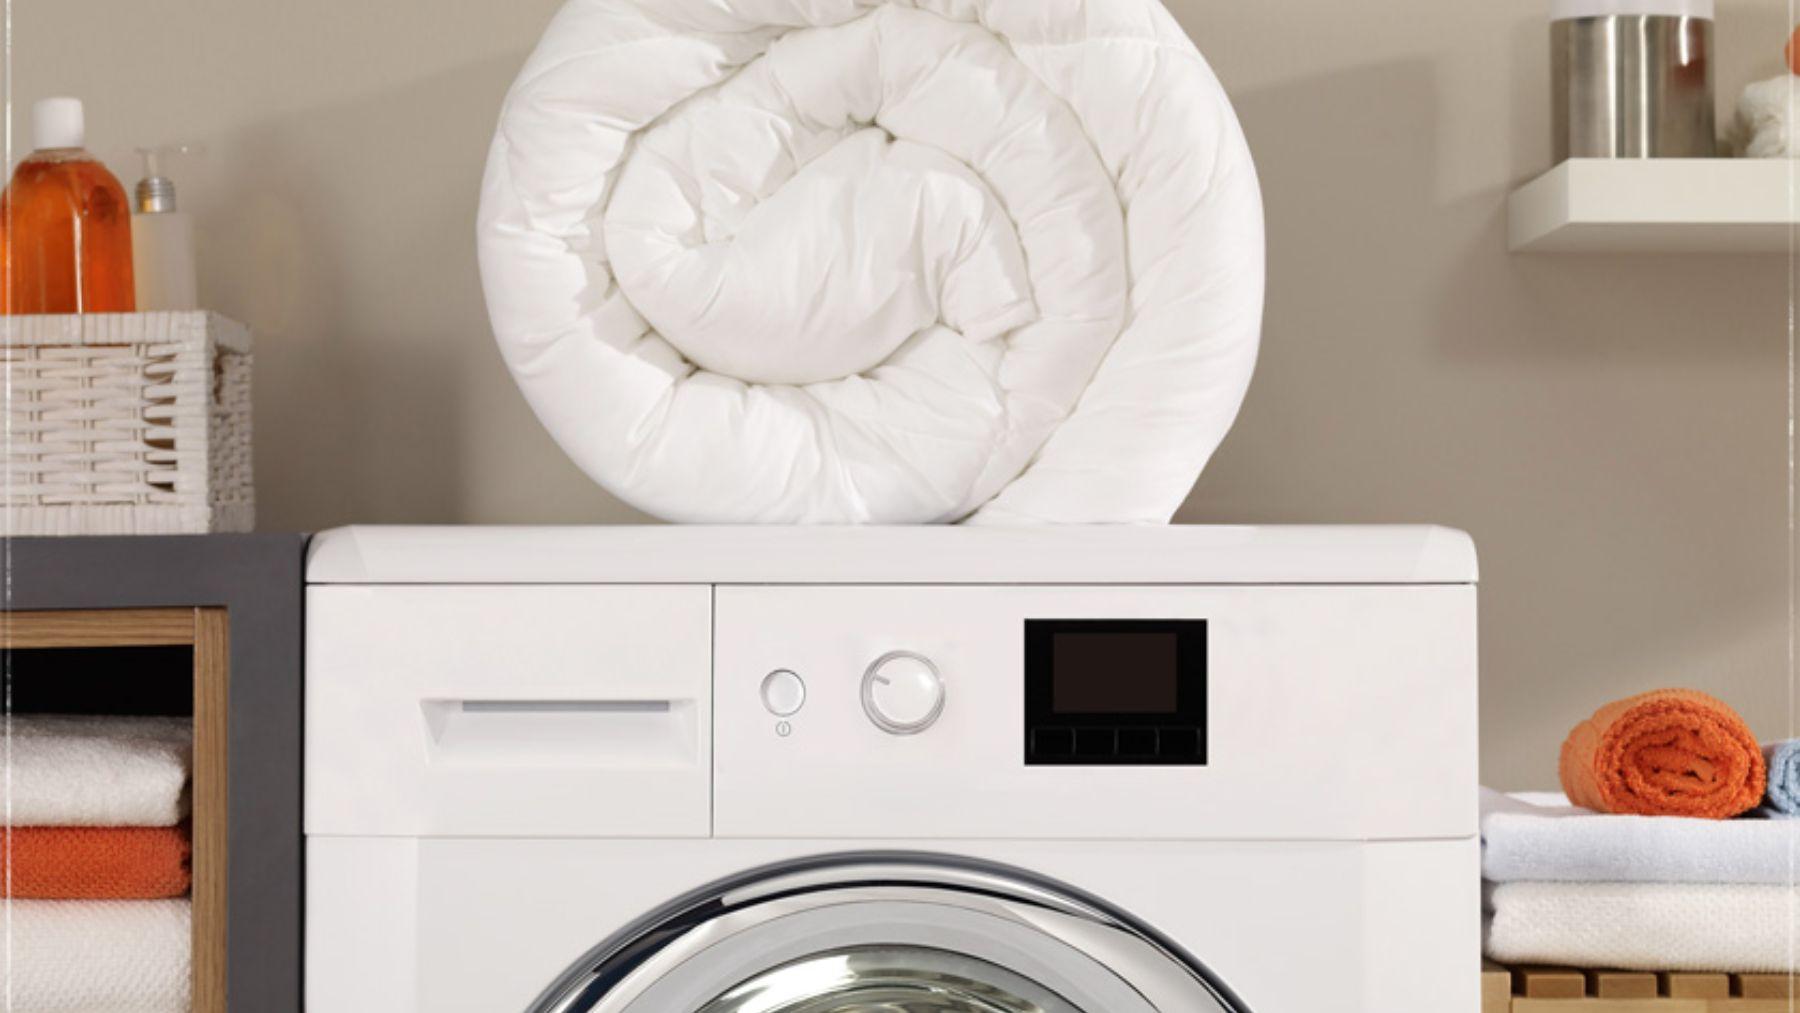 Descubre las pautas clave para lavar el edredón en la lavadora